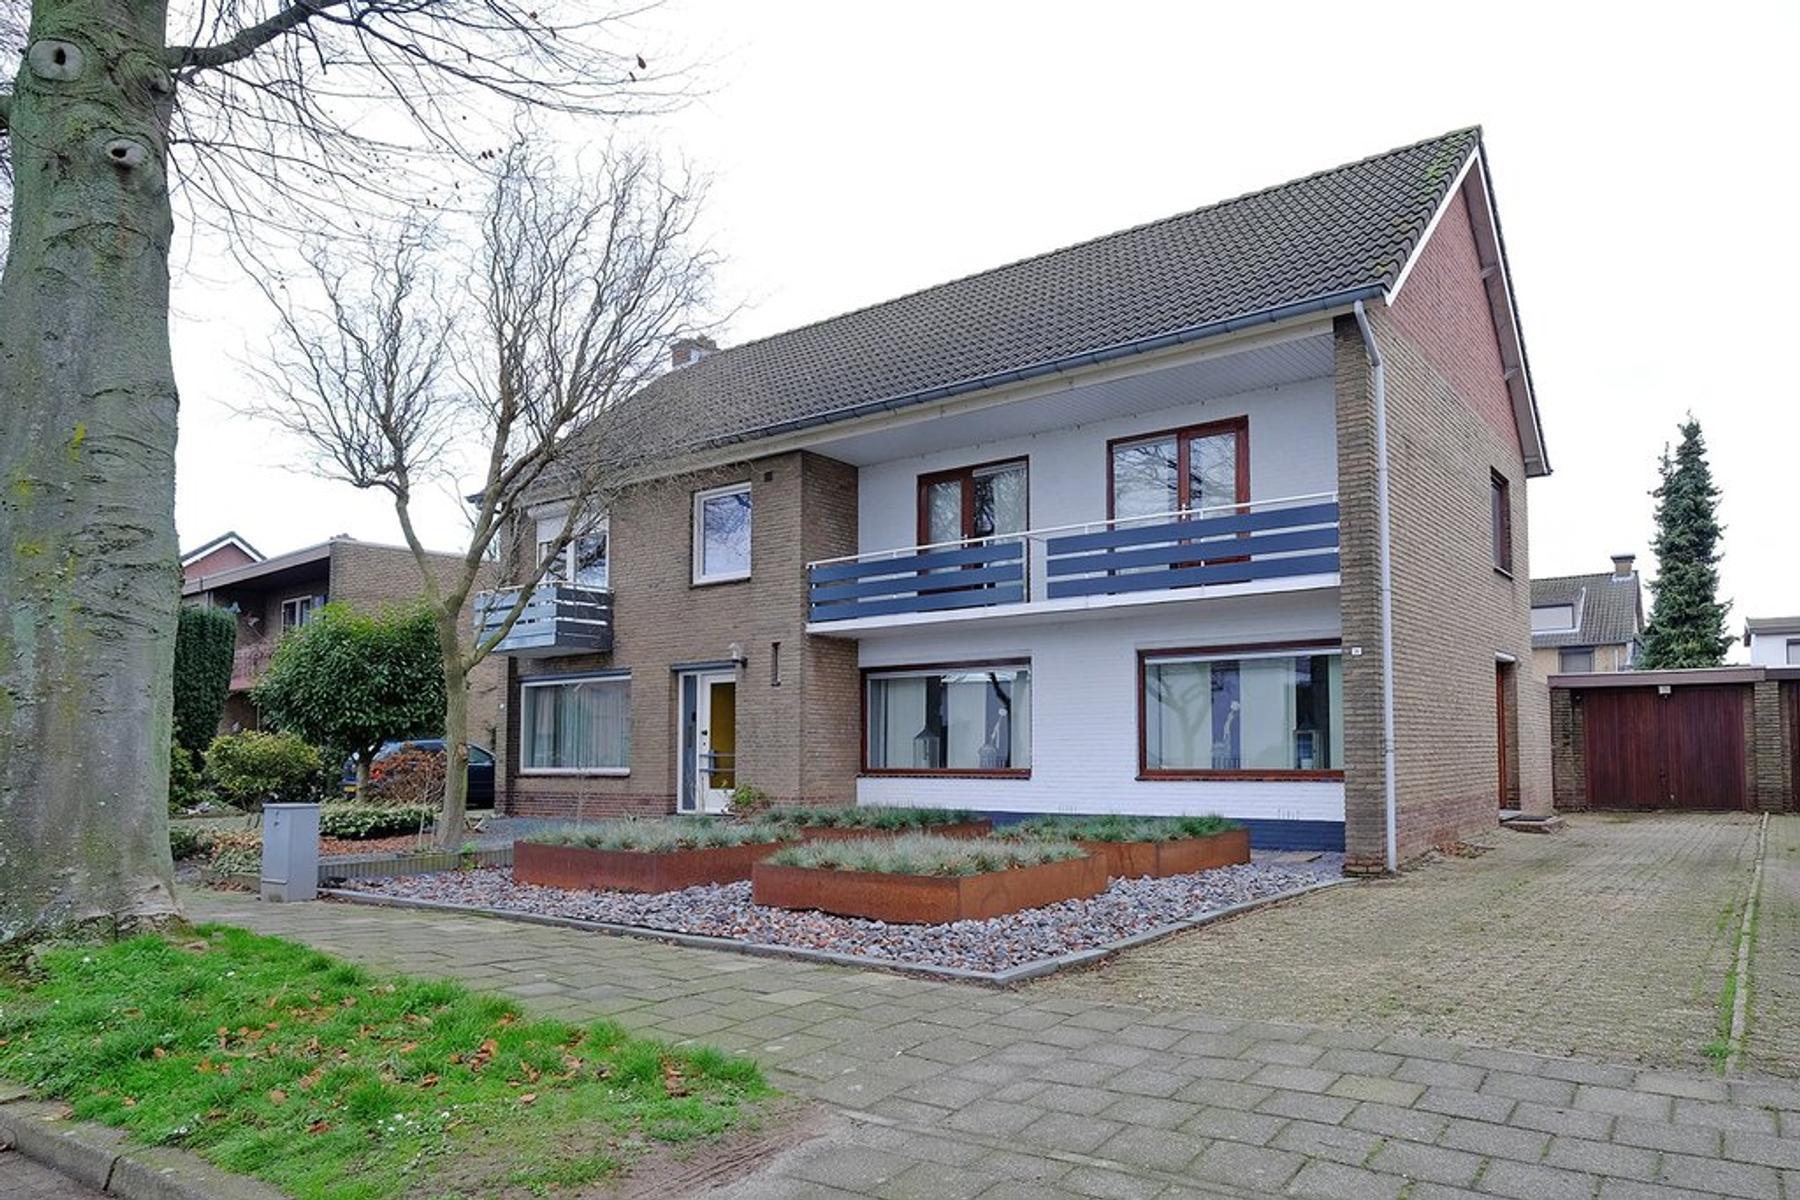 Dross Everhartsstraat 36 in Stein 6171 LG